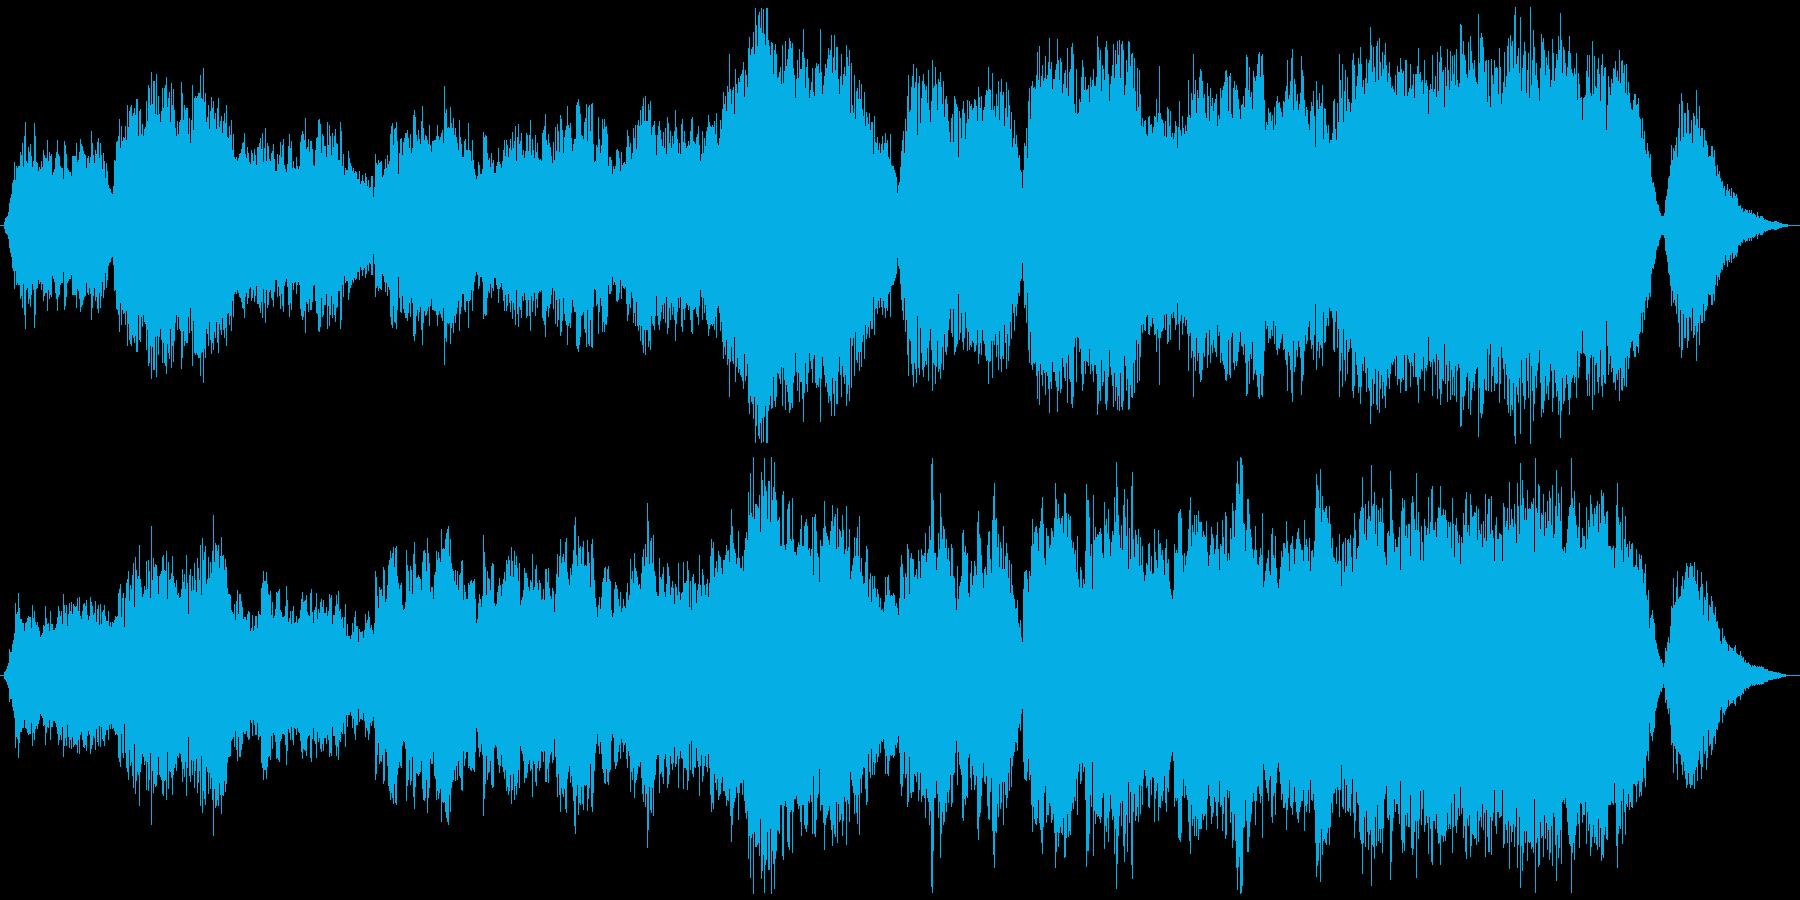 感動のクラシックバラードの再生済みの波形